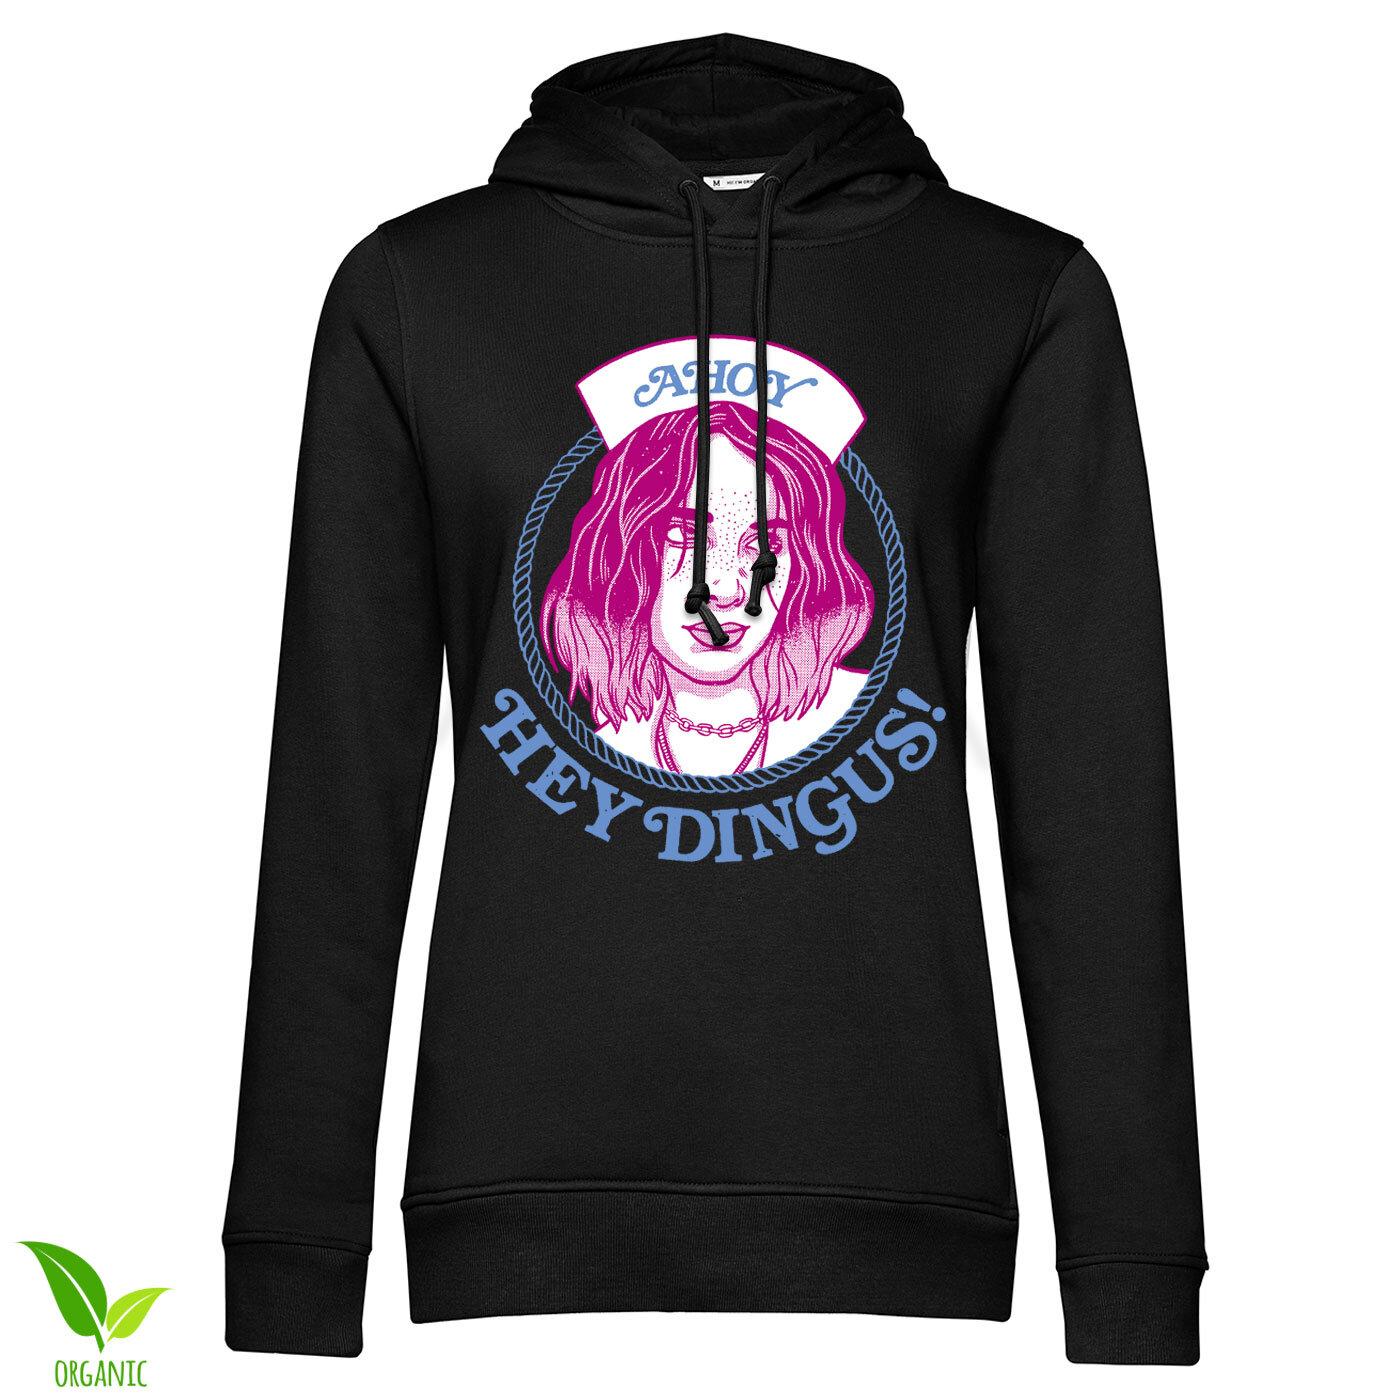 Ahoy - Hey Dingus Girls Hoodie